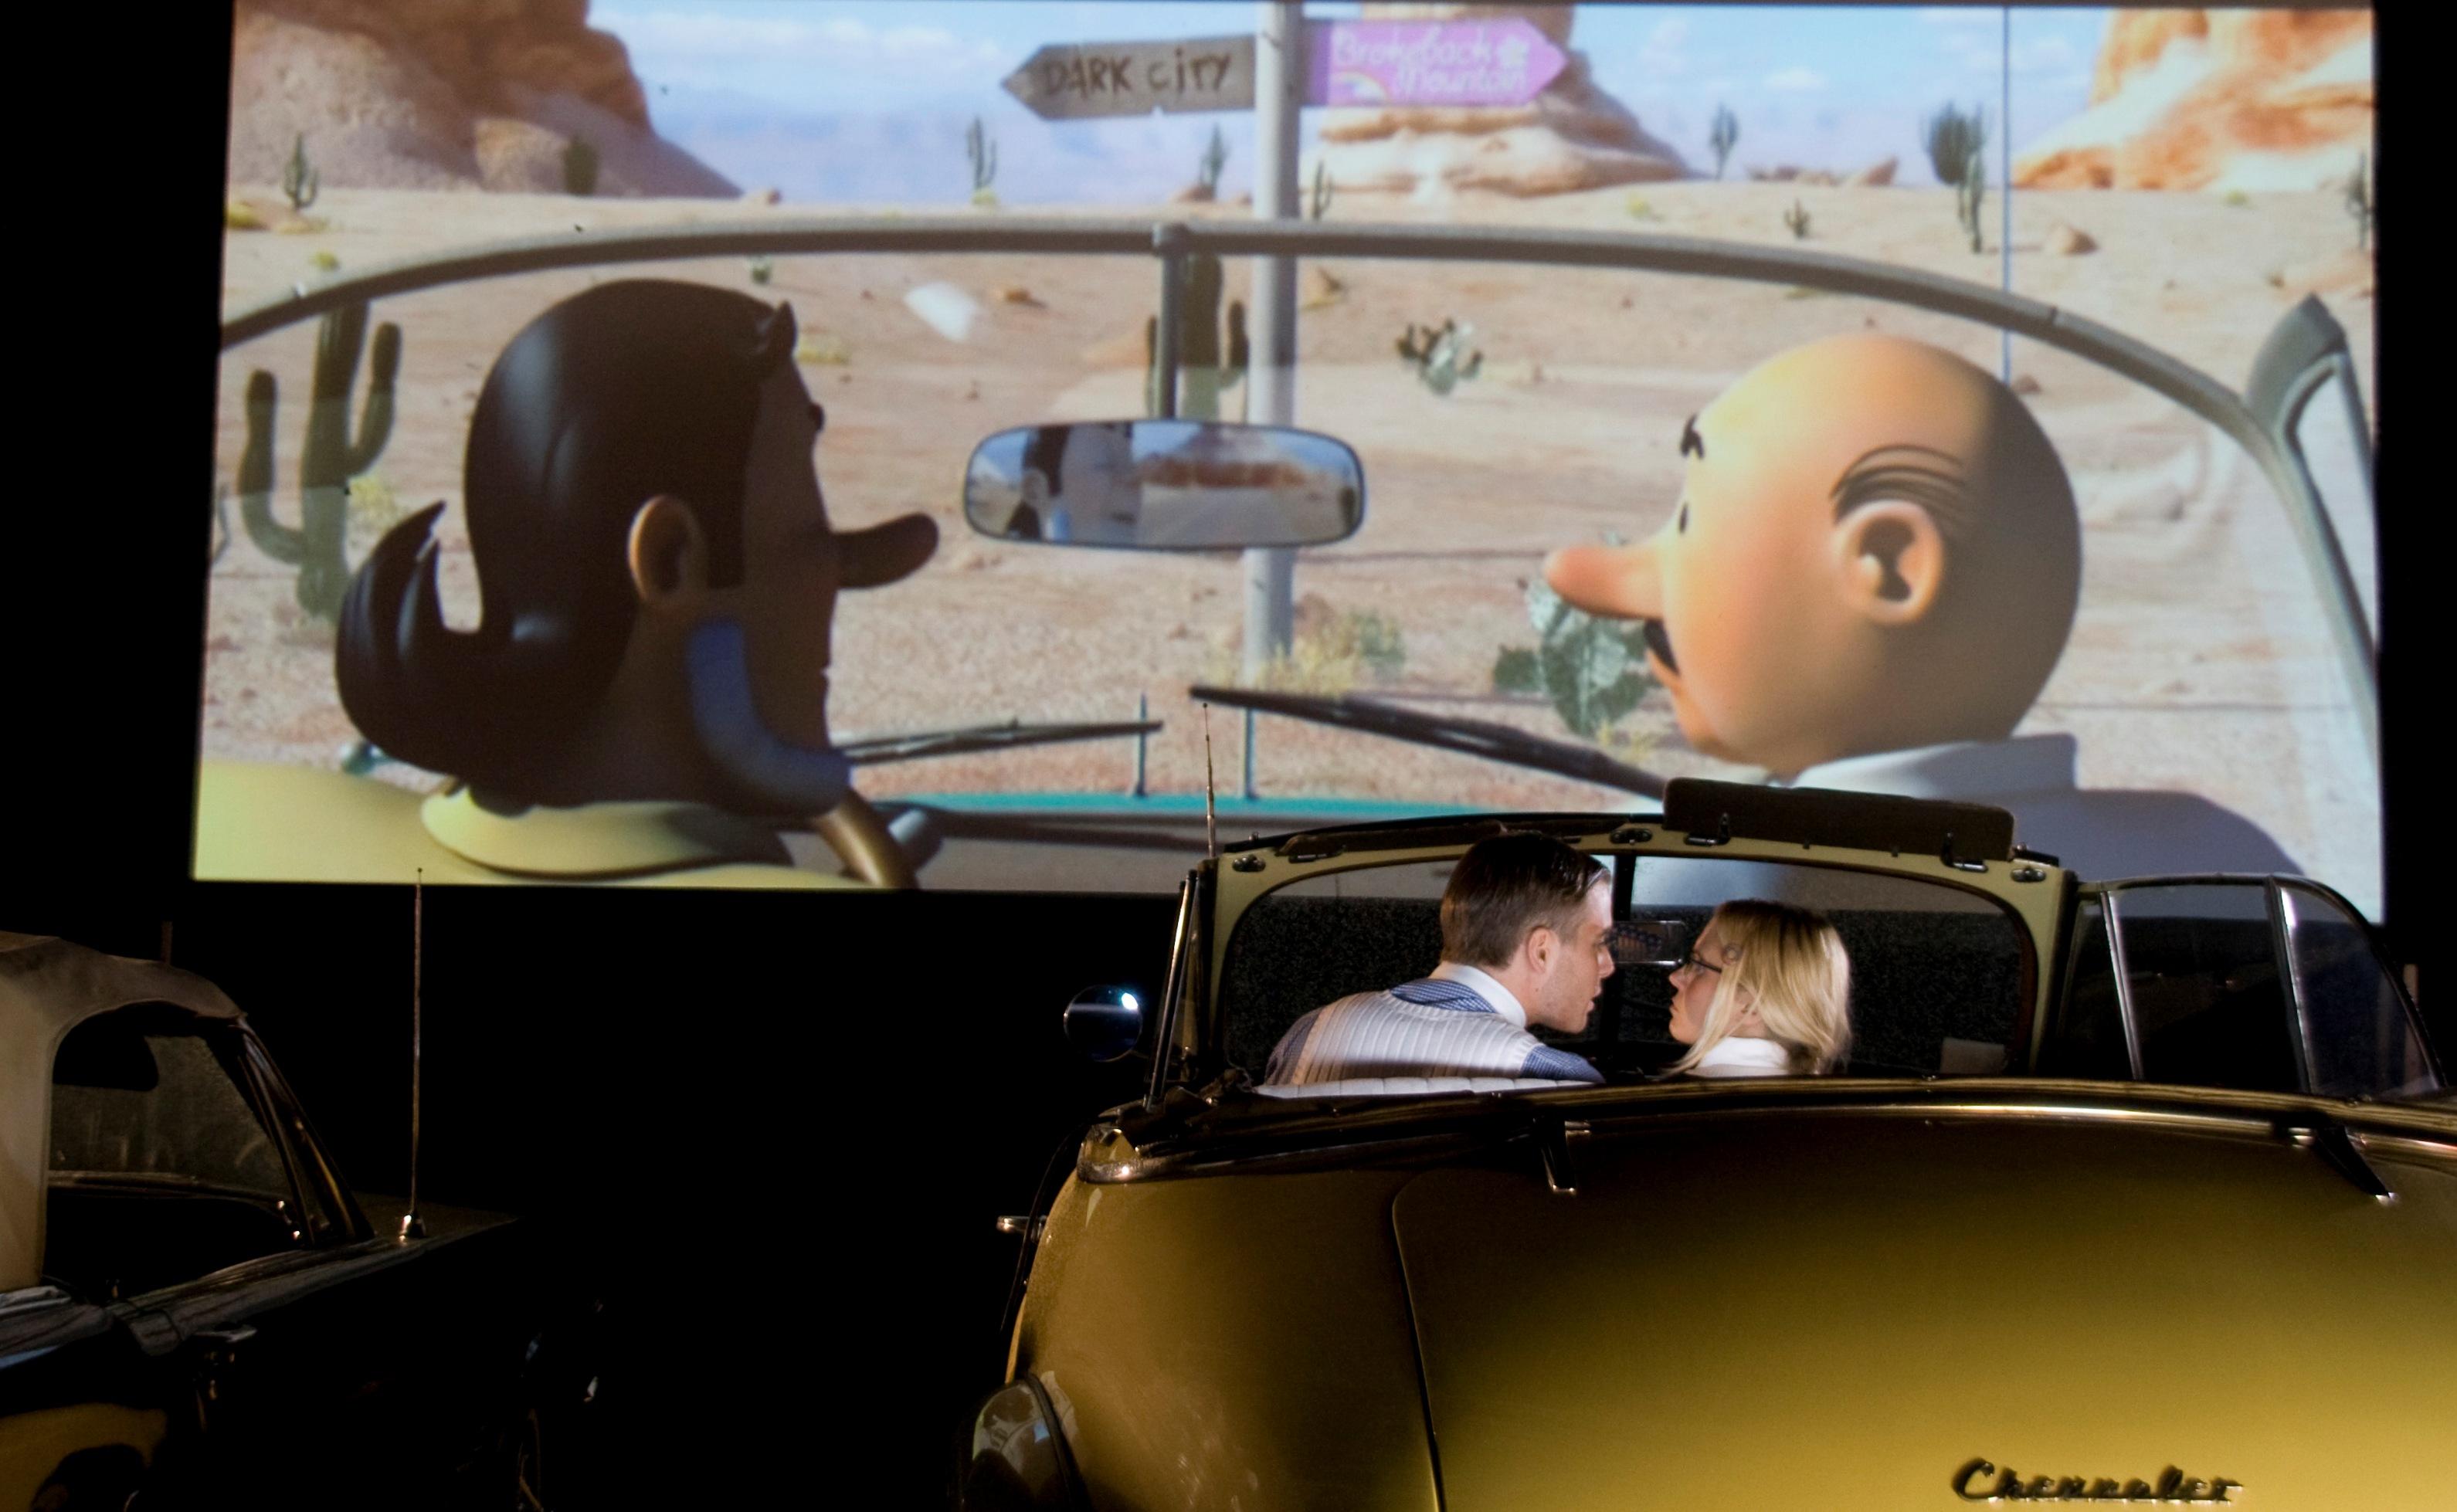 Drive in bioscoop met airscreen of autocinema op megascherm for Drive in bioscoop